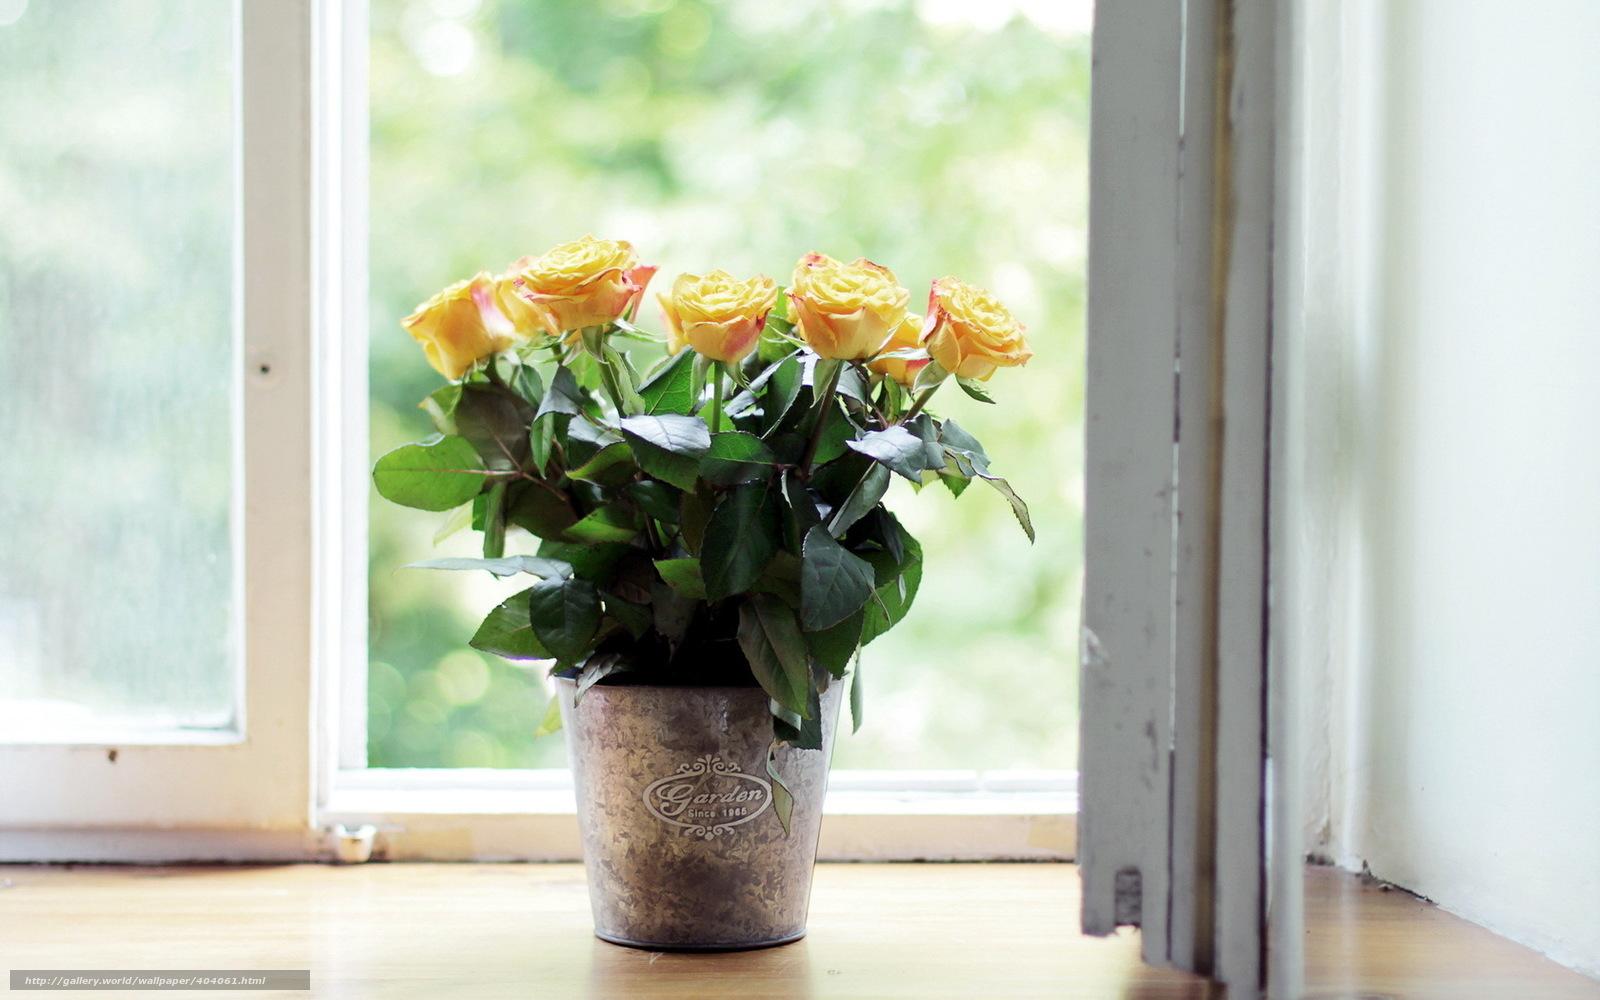 http://www.gdefon.ru/wallpapers/404061_zheltye-rozy_okno_podokonnik_vedro_1680x1050_(www.GdeFon.ru).jpg